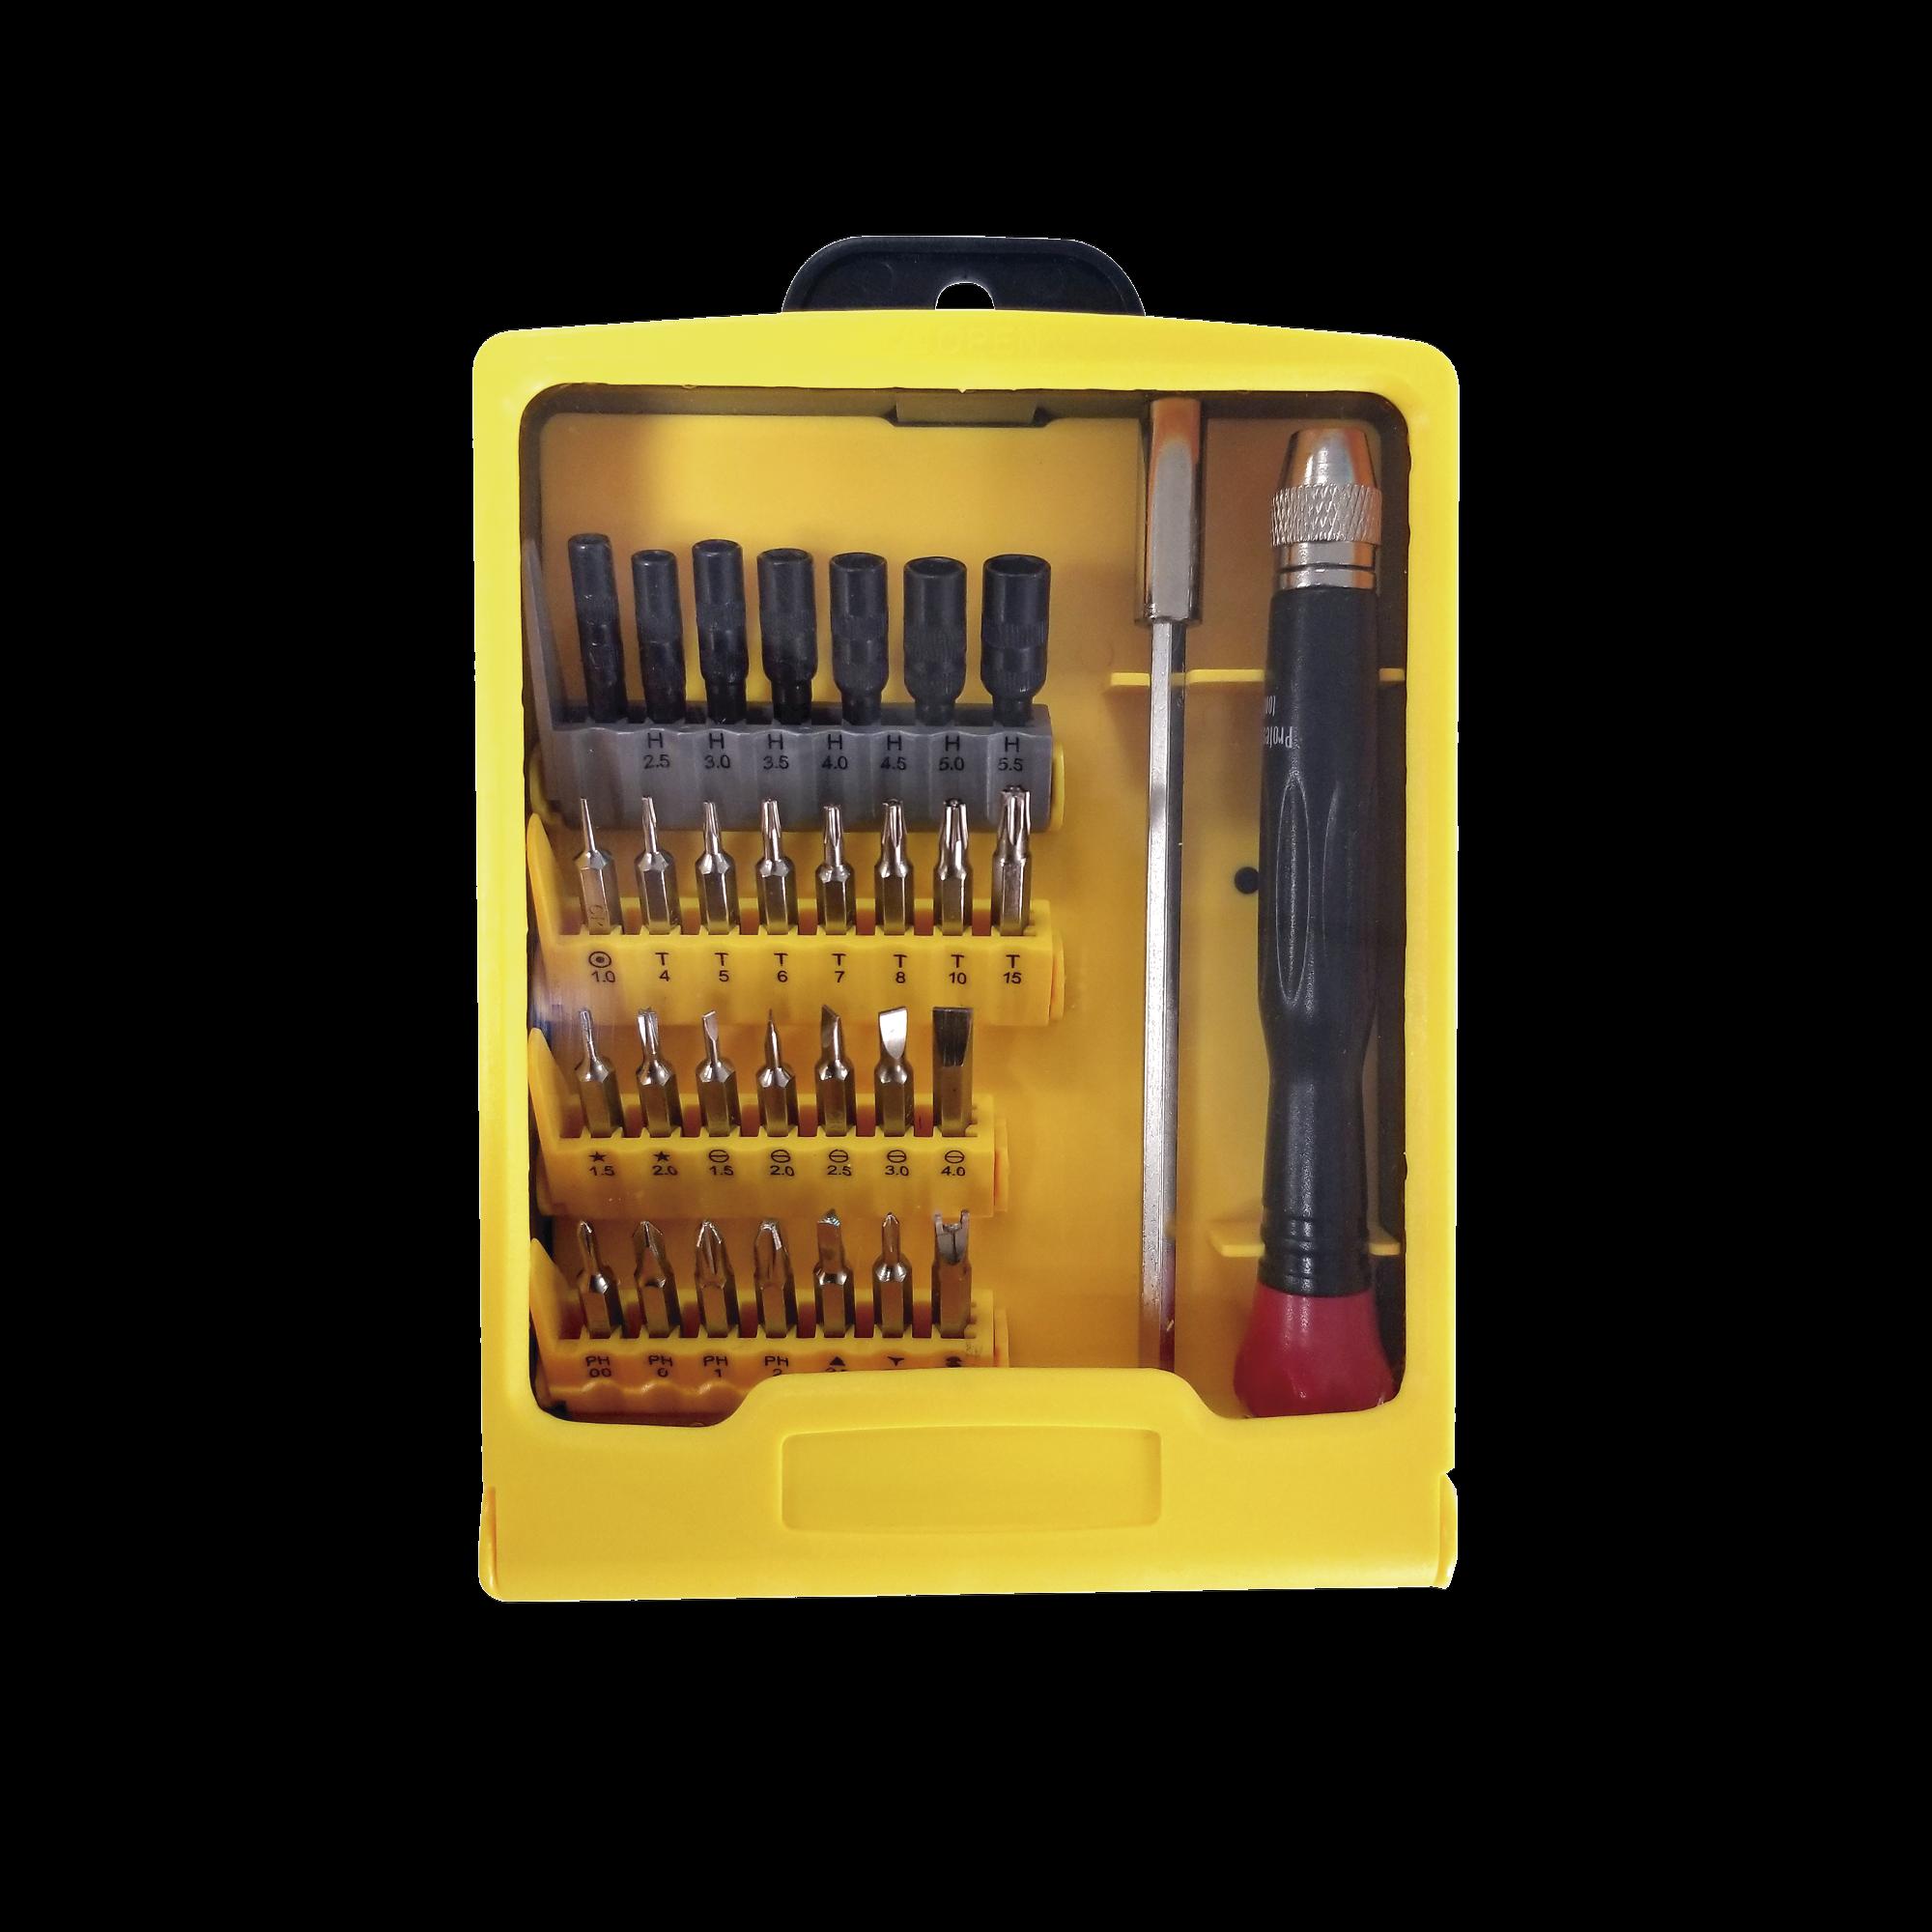 Juego de 31 Destornilladores de Precisión (puntas) con Mango y Extensor.